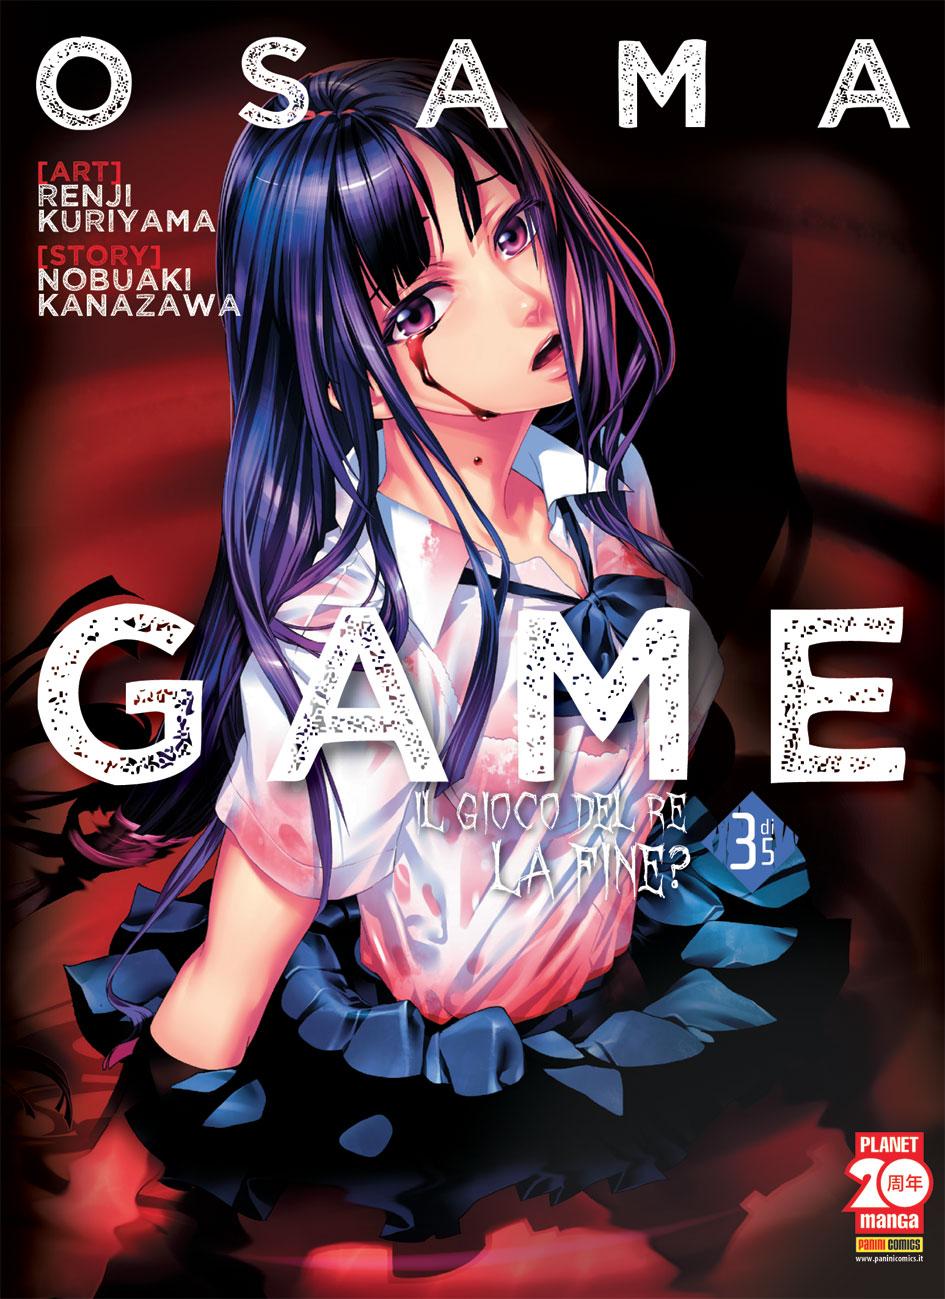 Osama_Game_La_Fine_3_scvr.indd